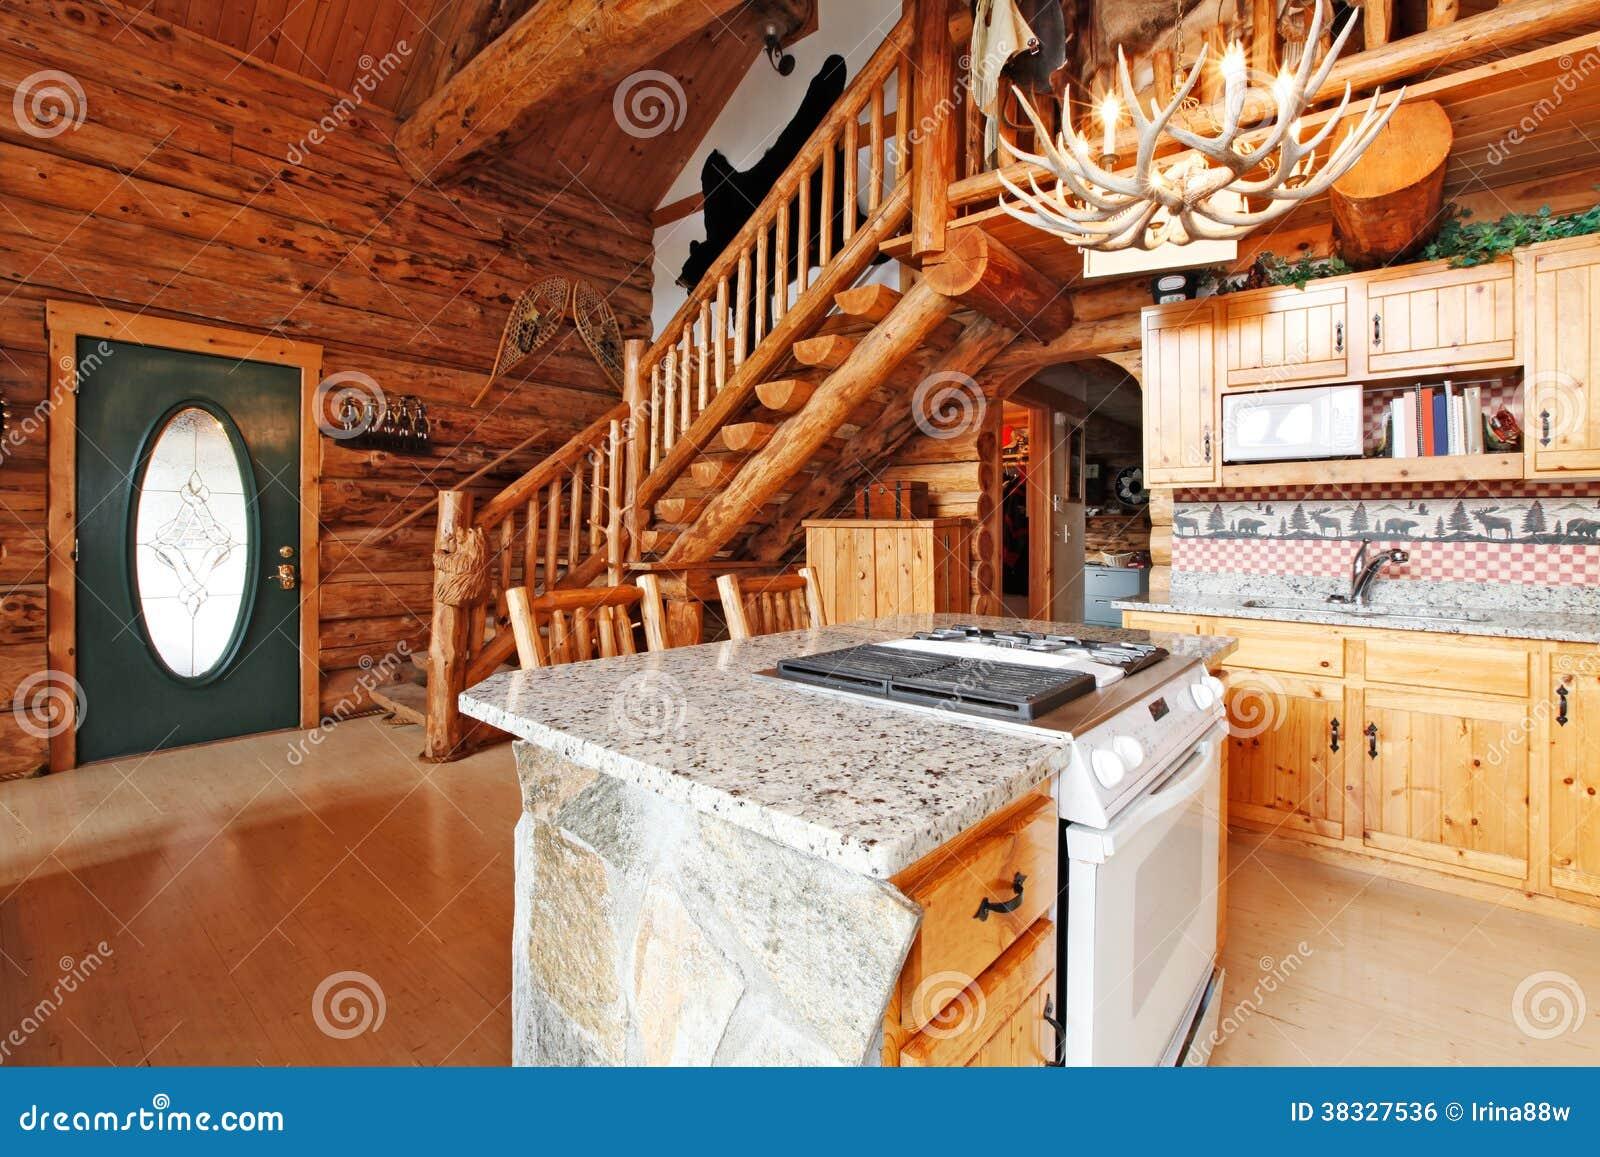 de madeira com armário rochoso e o fogão branco. Vista do salão de #B54911 1300x957